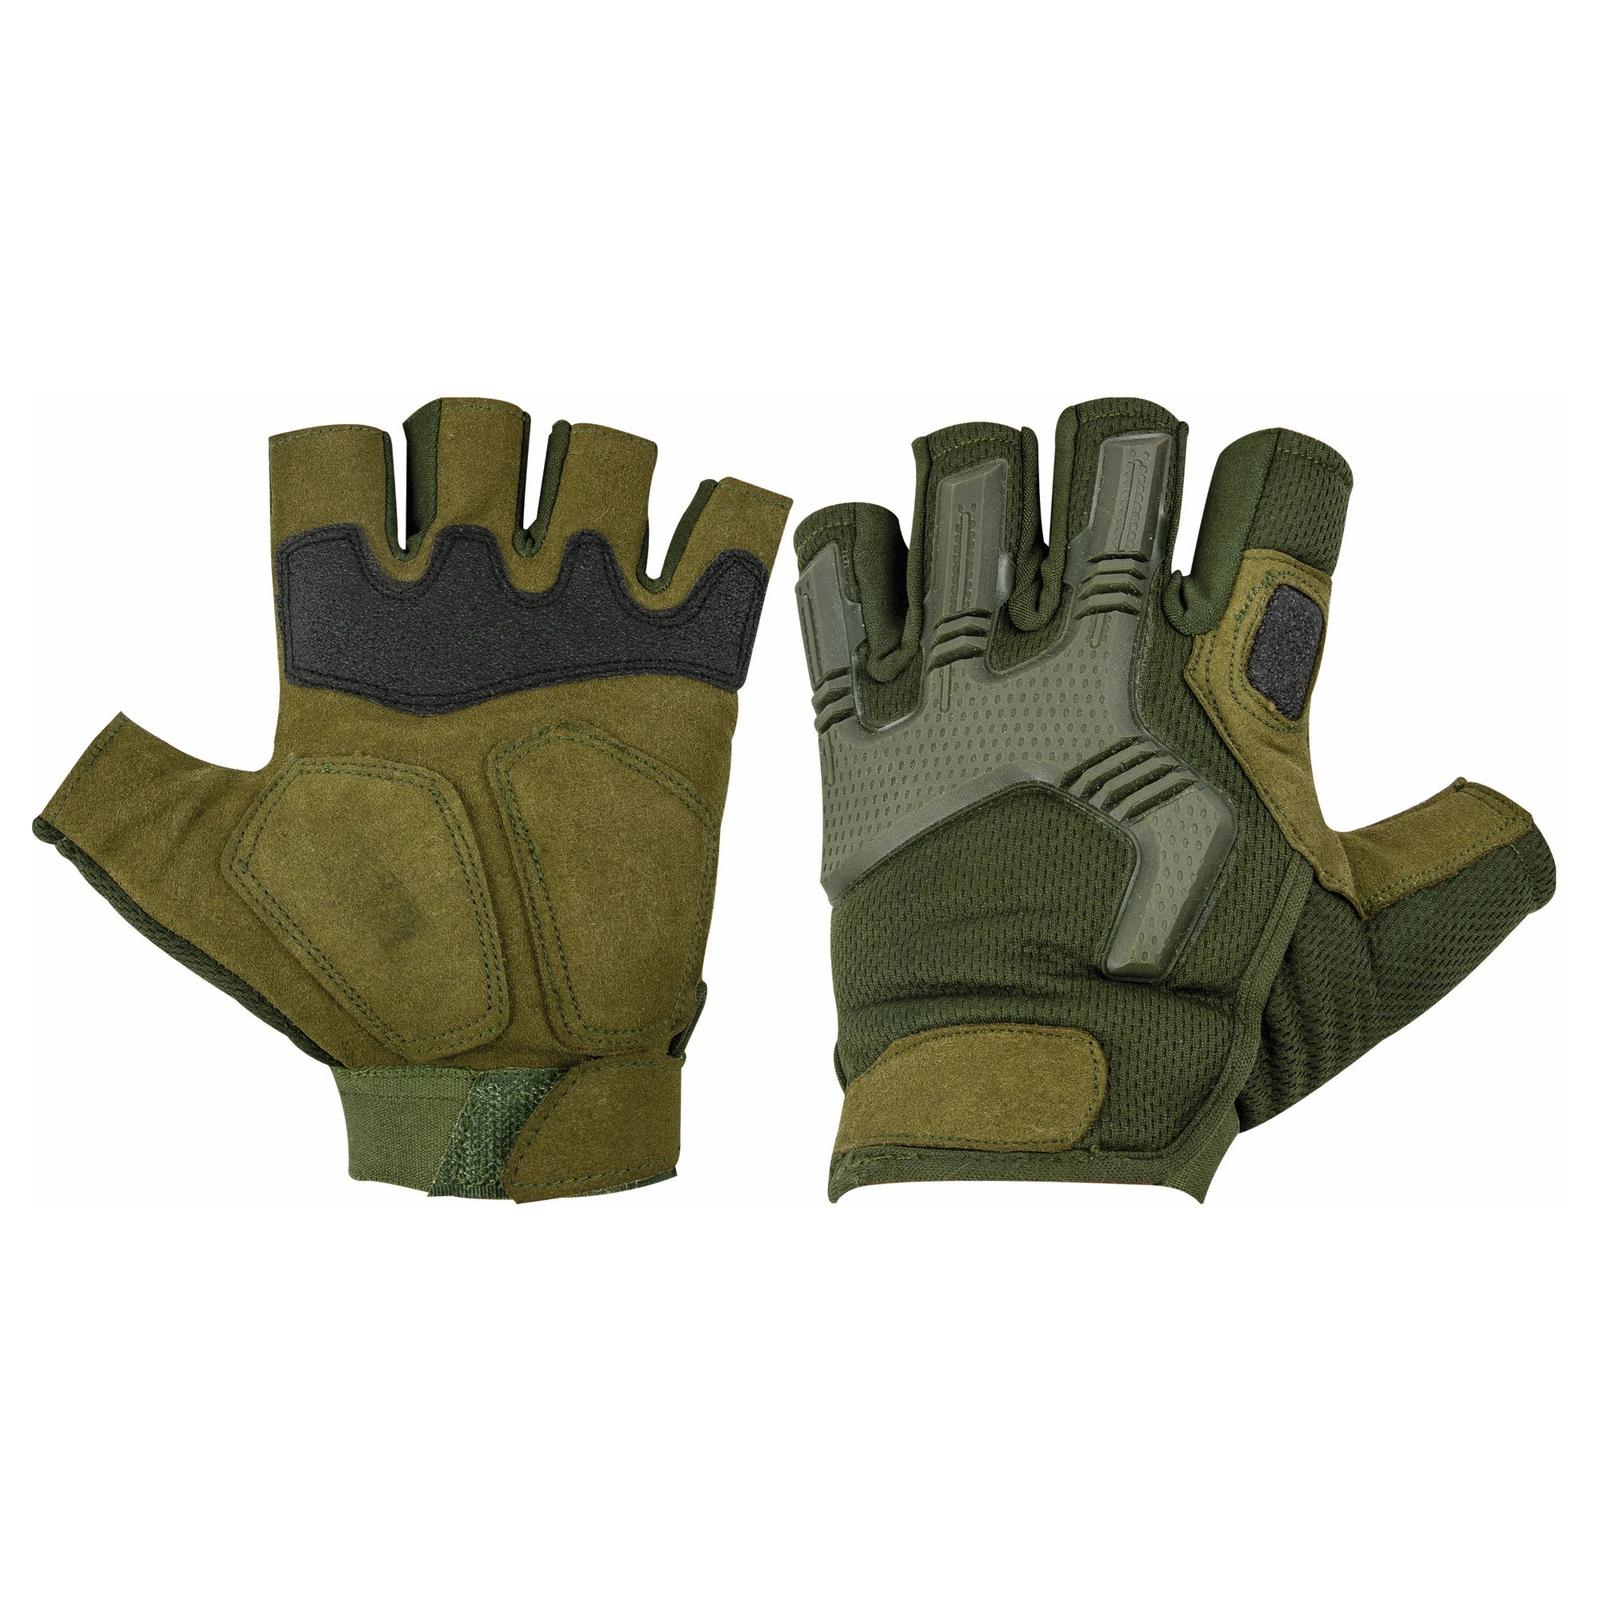 Highlander Raptor Half Finger Gloves Military Army Tactical Padded Olive Green